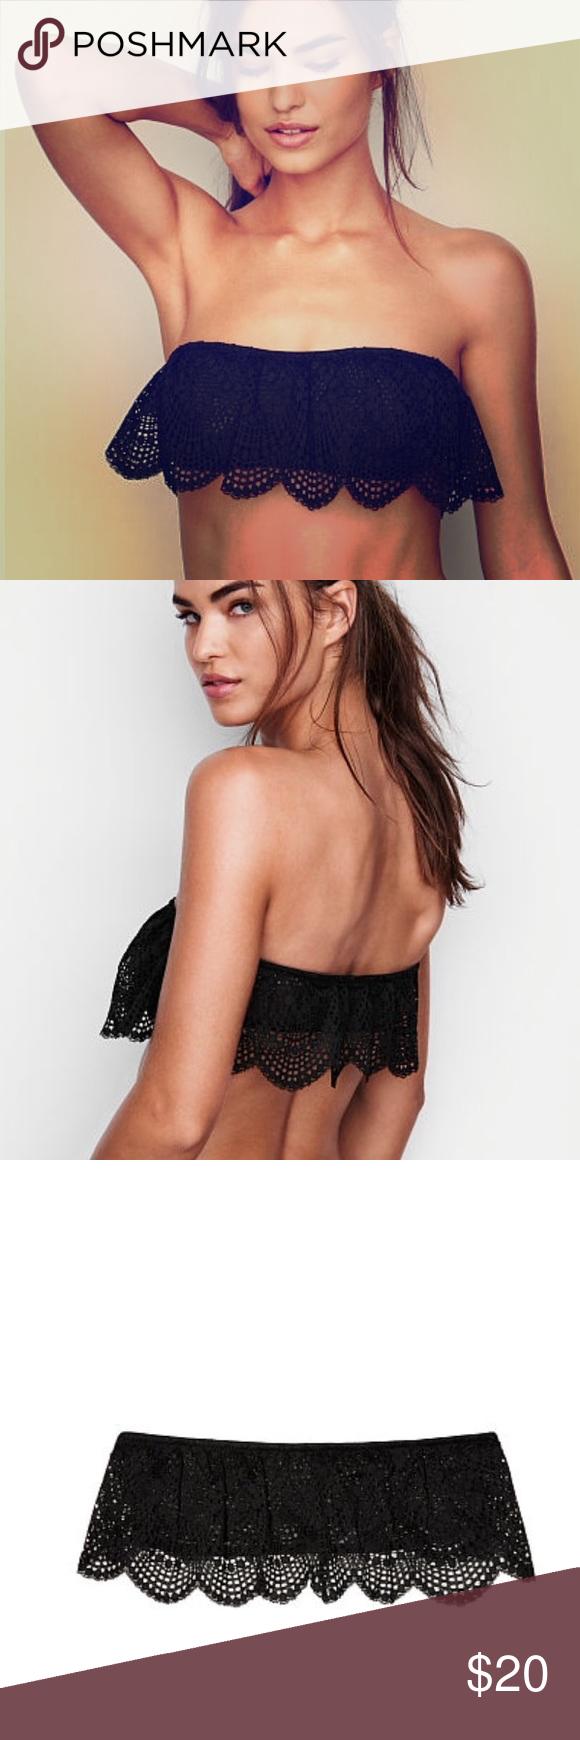 e656182d1a6eb New Victoria s Secret Lace Strapless Bralette Bra